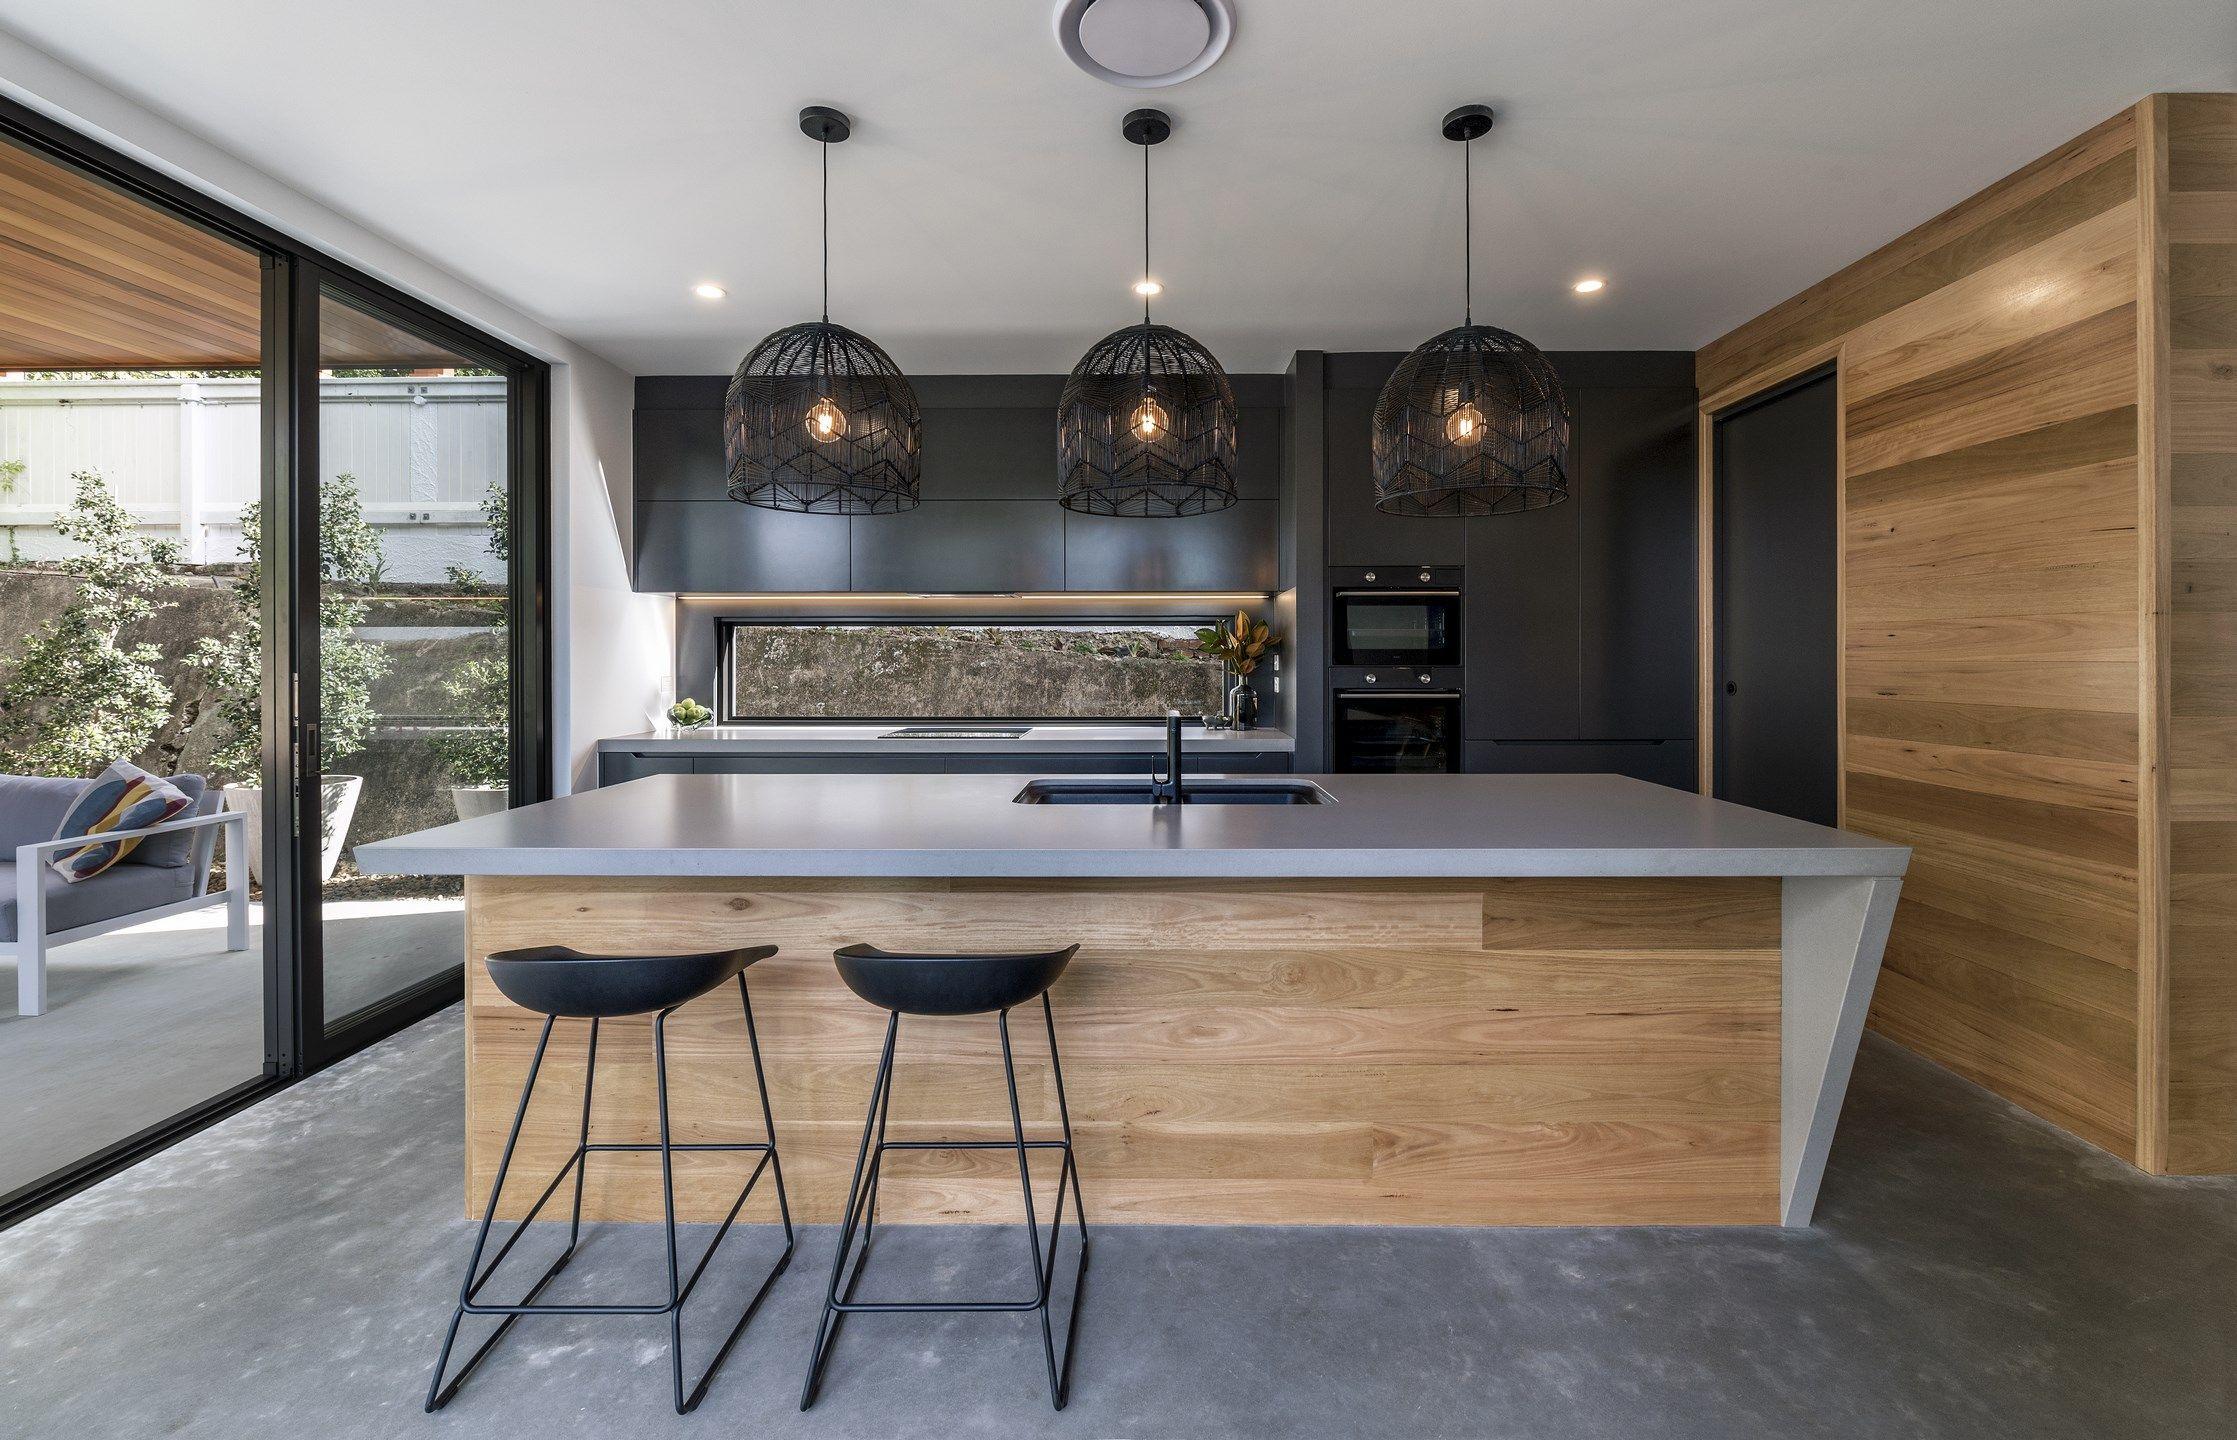 Caesarstone Gallery Kitchen Bathroom Design Ideas Inspiration Cozinhas Modernas Cozinhas Domesticas Cozinha Integrada Com Sala De Jantar